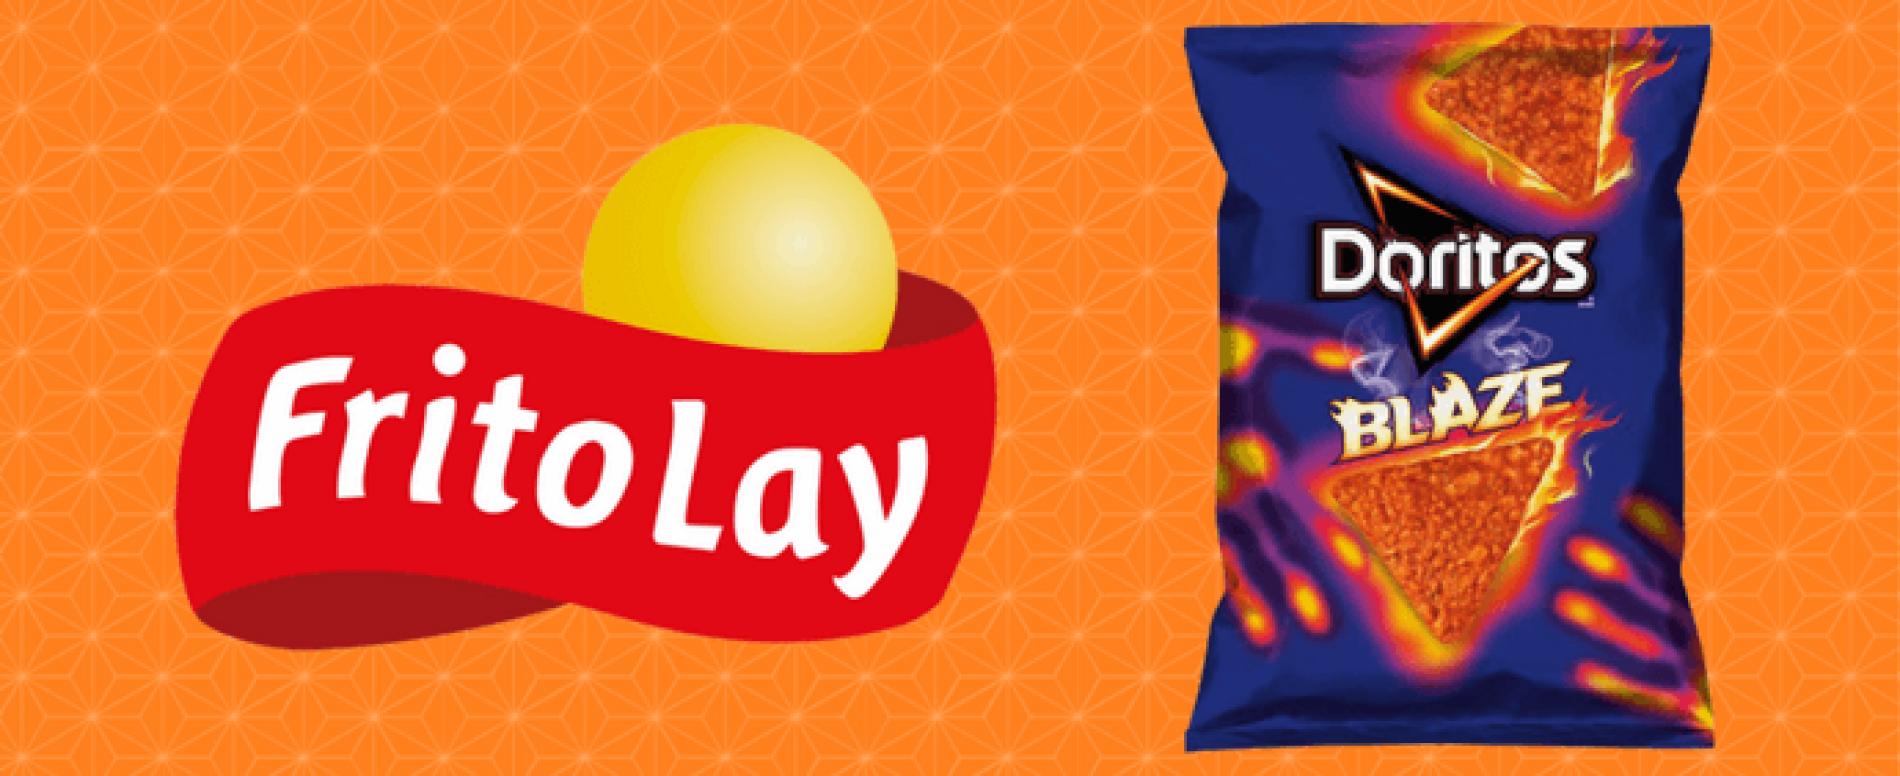 Il nuovo anno al gusto speziato dei Doritos Blaze